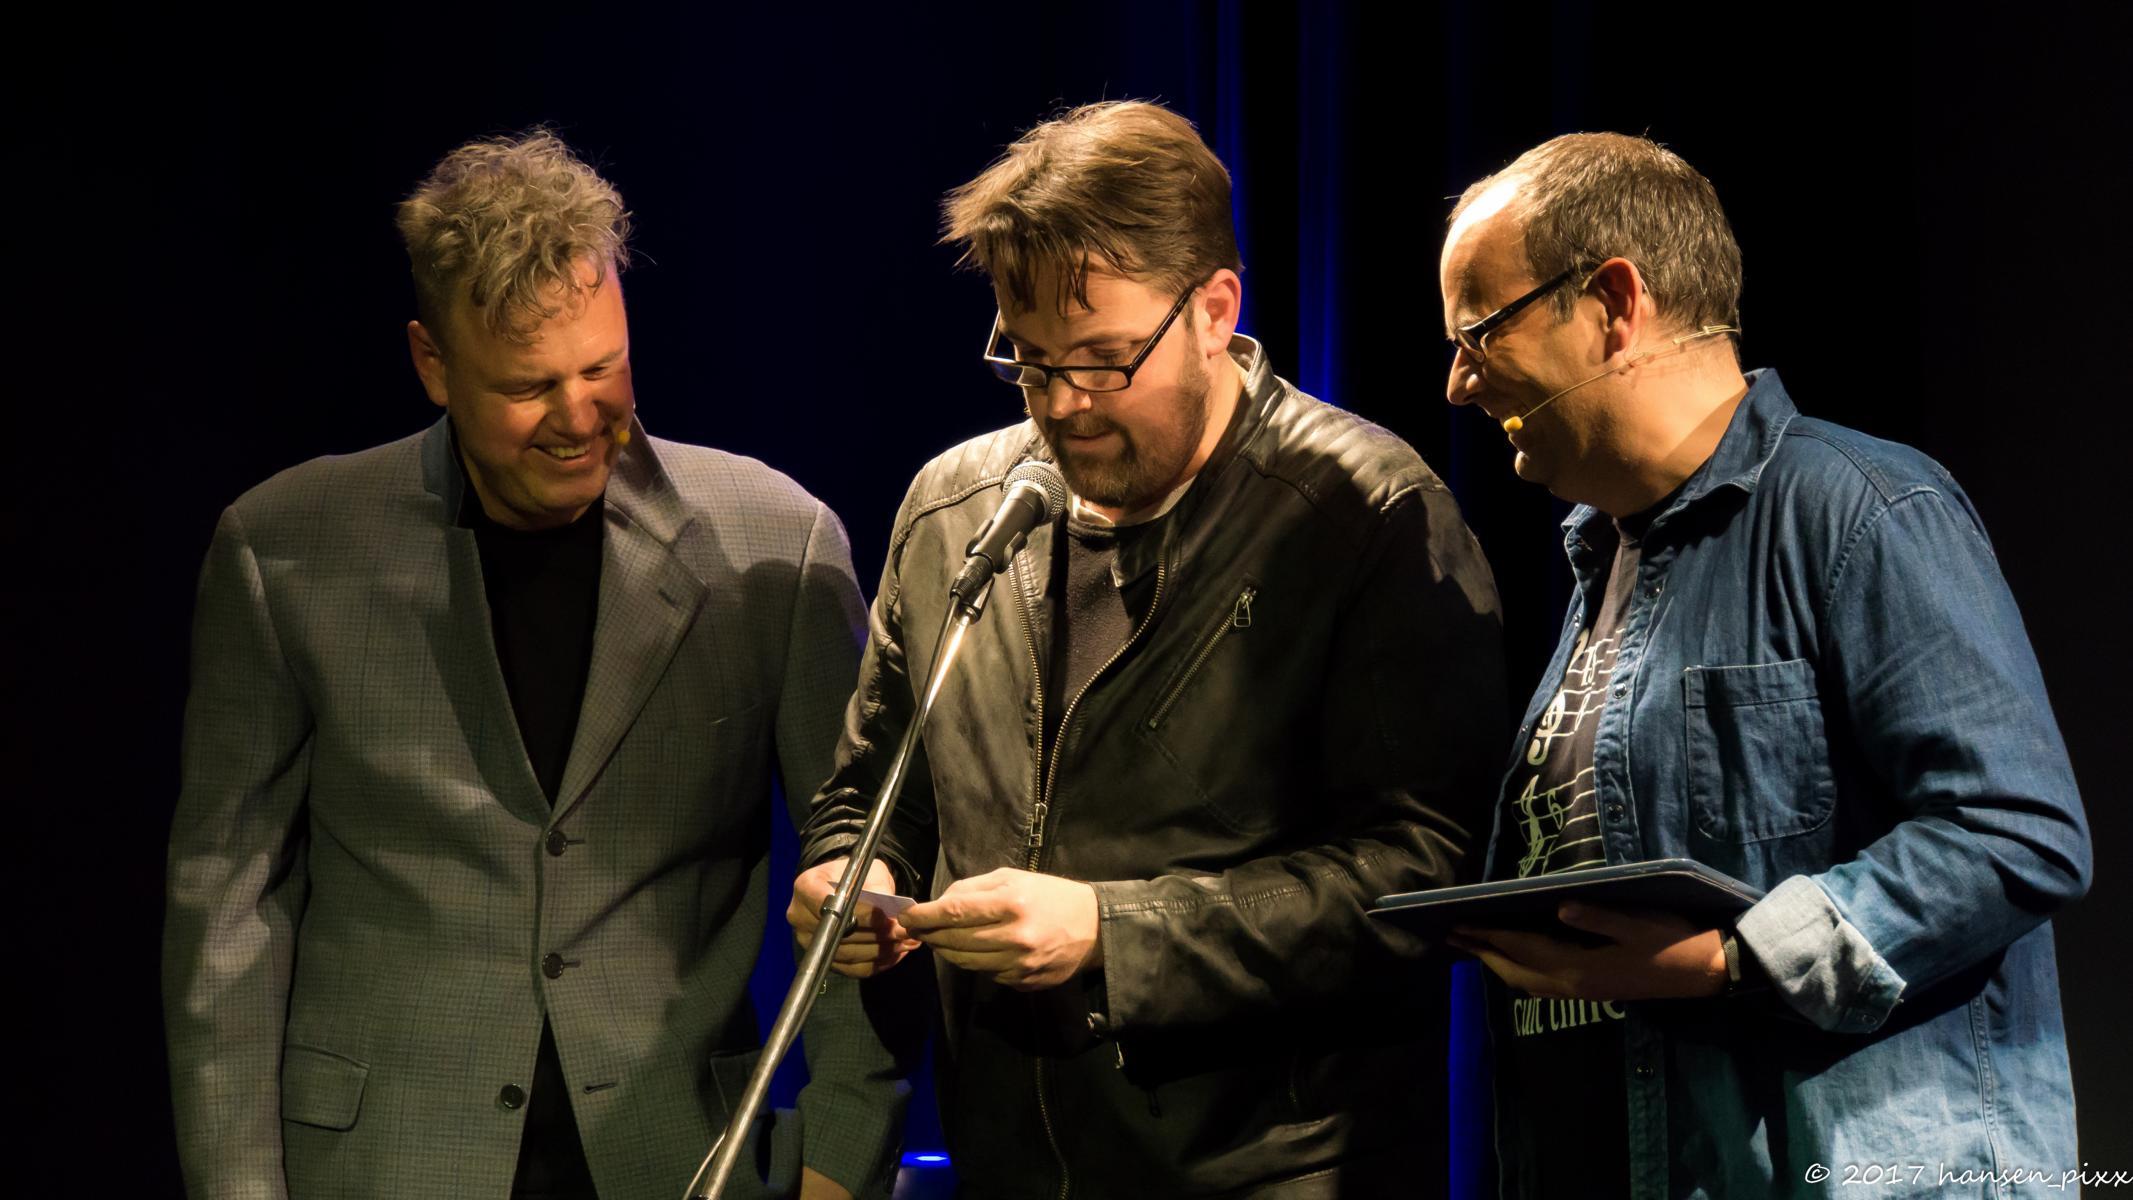 Es gibt immer mehrere Gewinner am Abend auf der und von vor der Bühne. André Hartmann durfte als Losfee die Publikums-Gewinnerin des Abends ziehen.